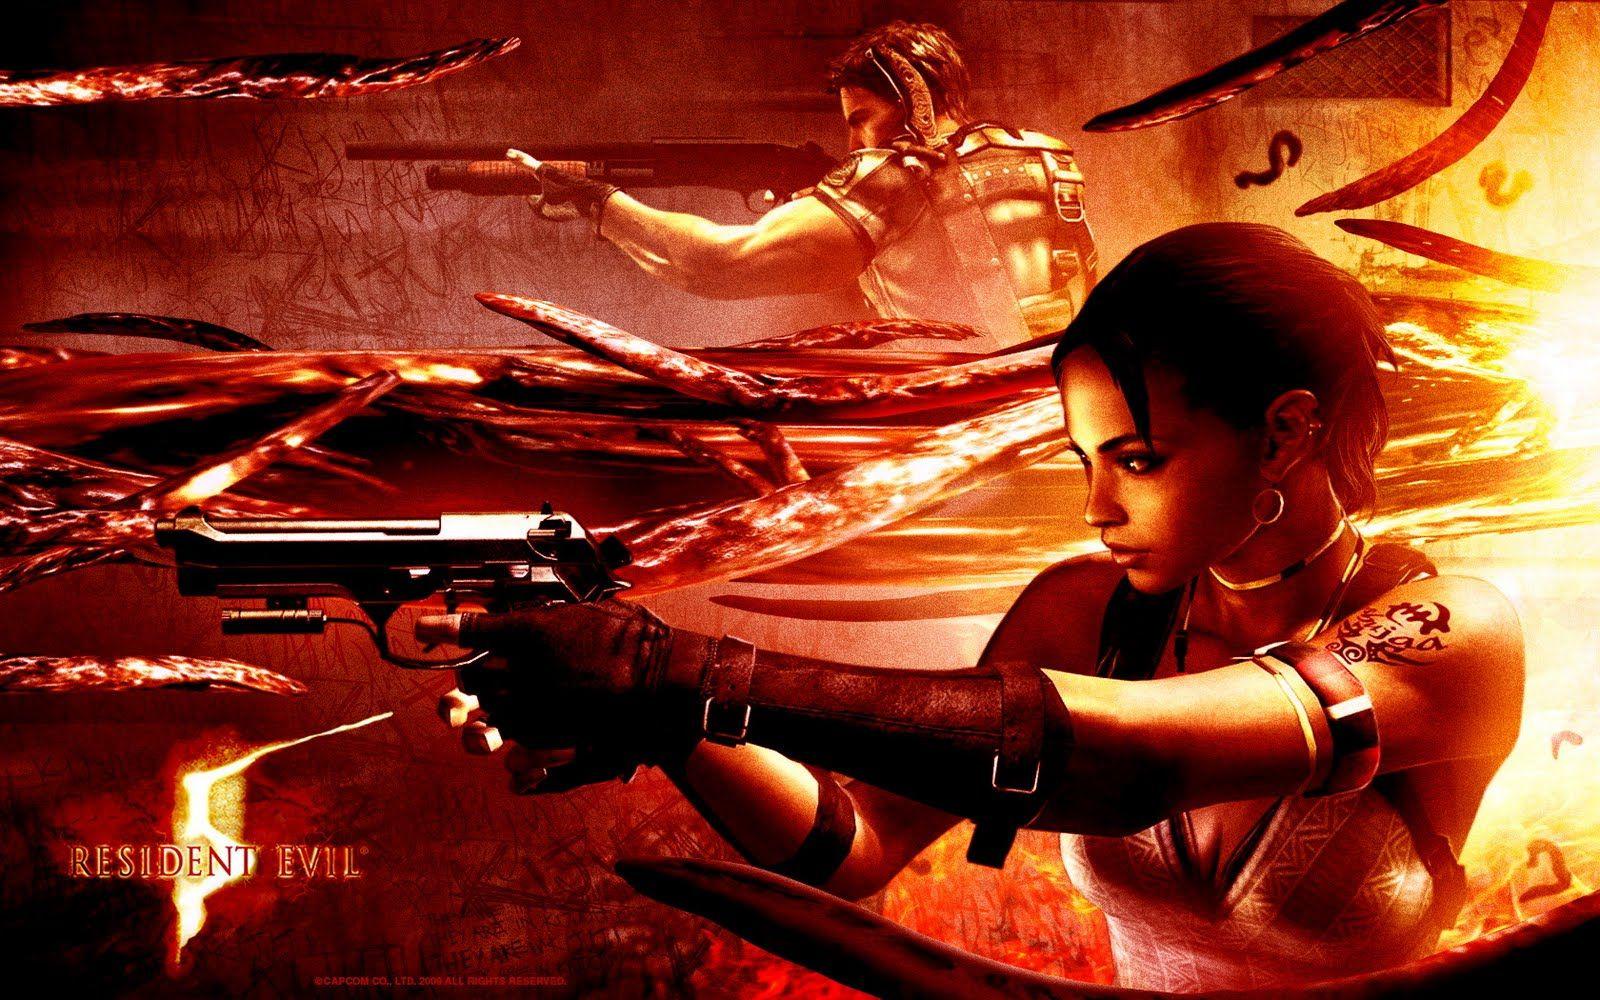 Resident Evil 5 Promo Image Resident Evil 5 Resident Evil Resident Evil Game